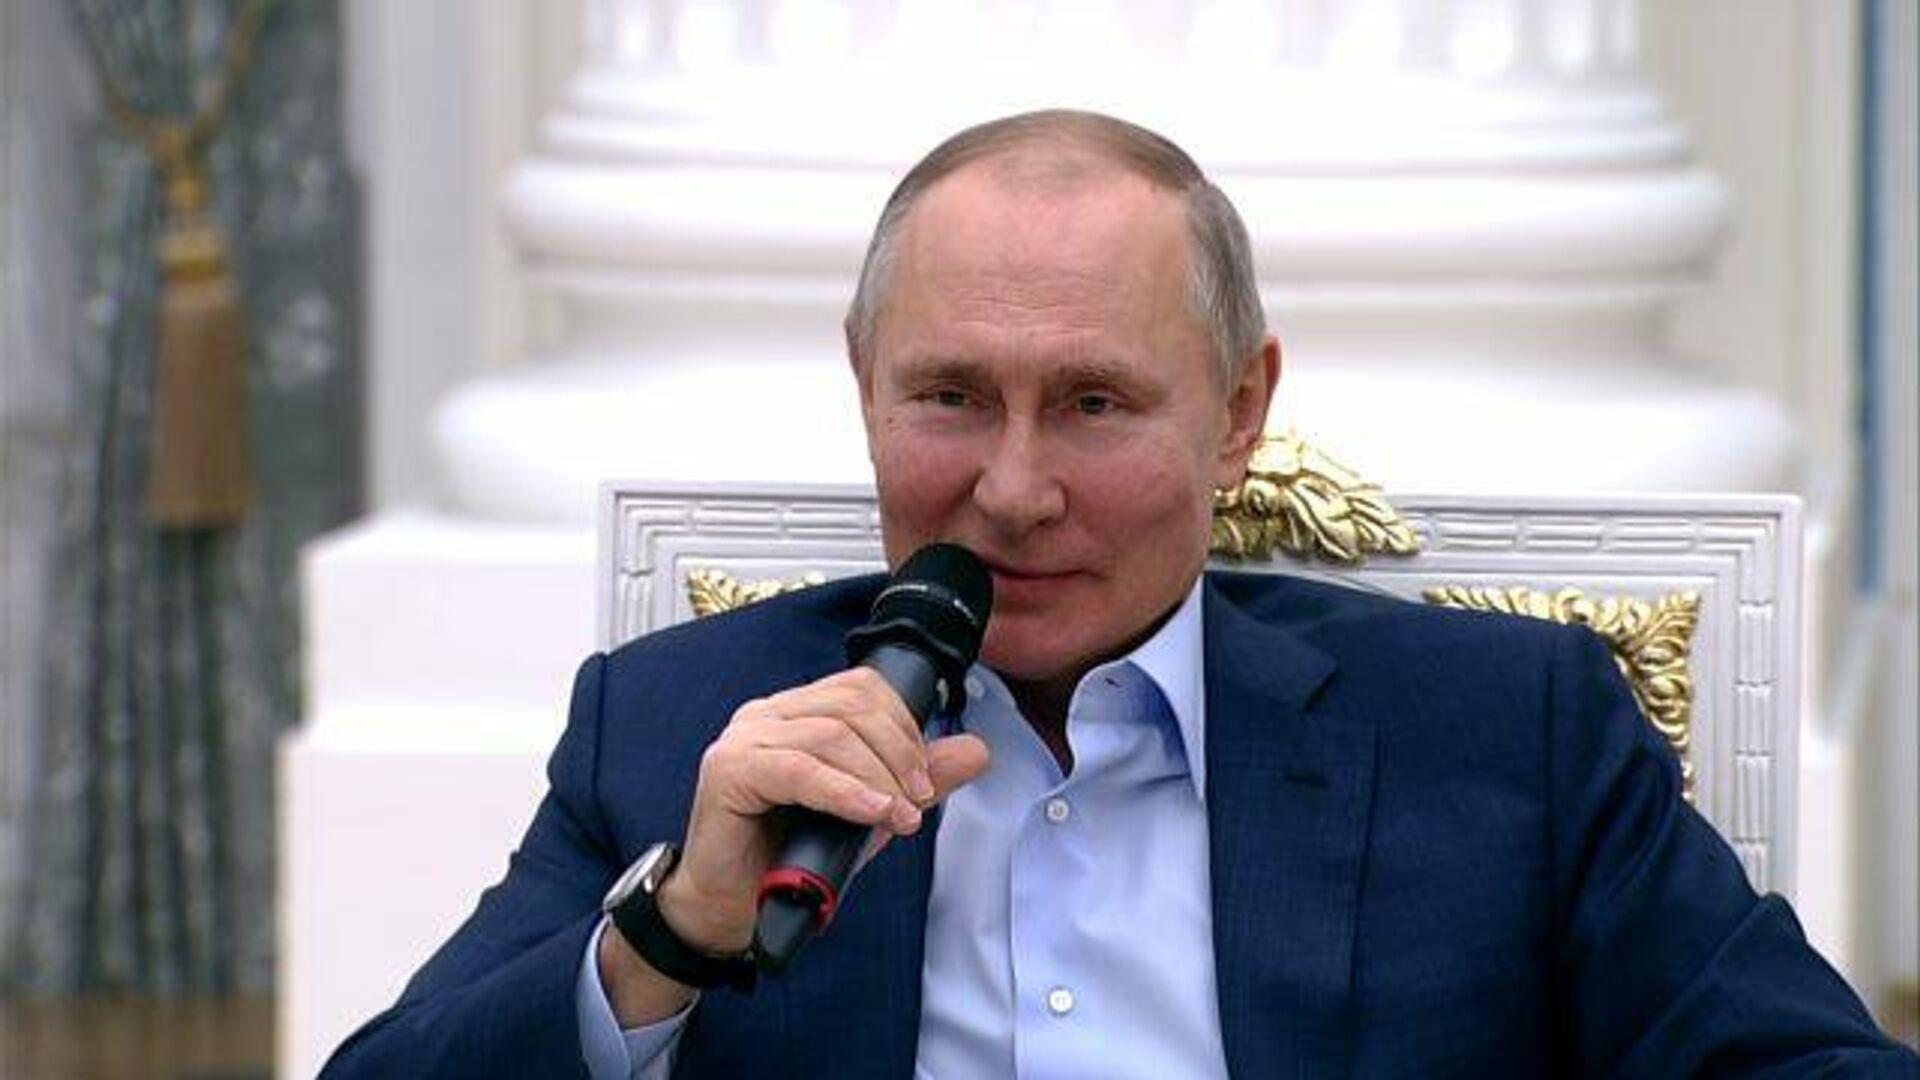 """""""Они сами себе зубы переломают"""" – Путин о тех, кто оскорбляет ветеранов - РИА Новости, 1920, 04.03.2021"""